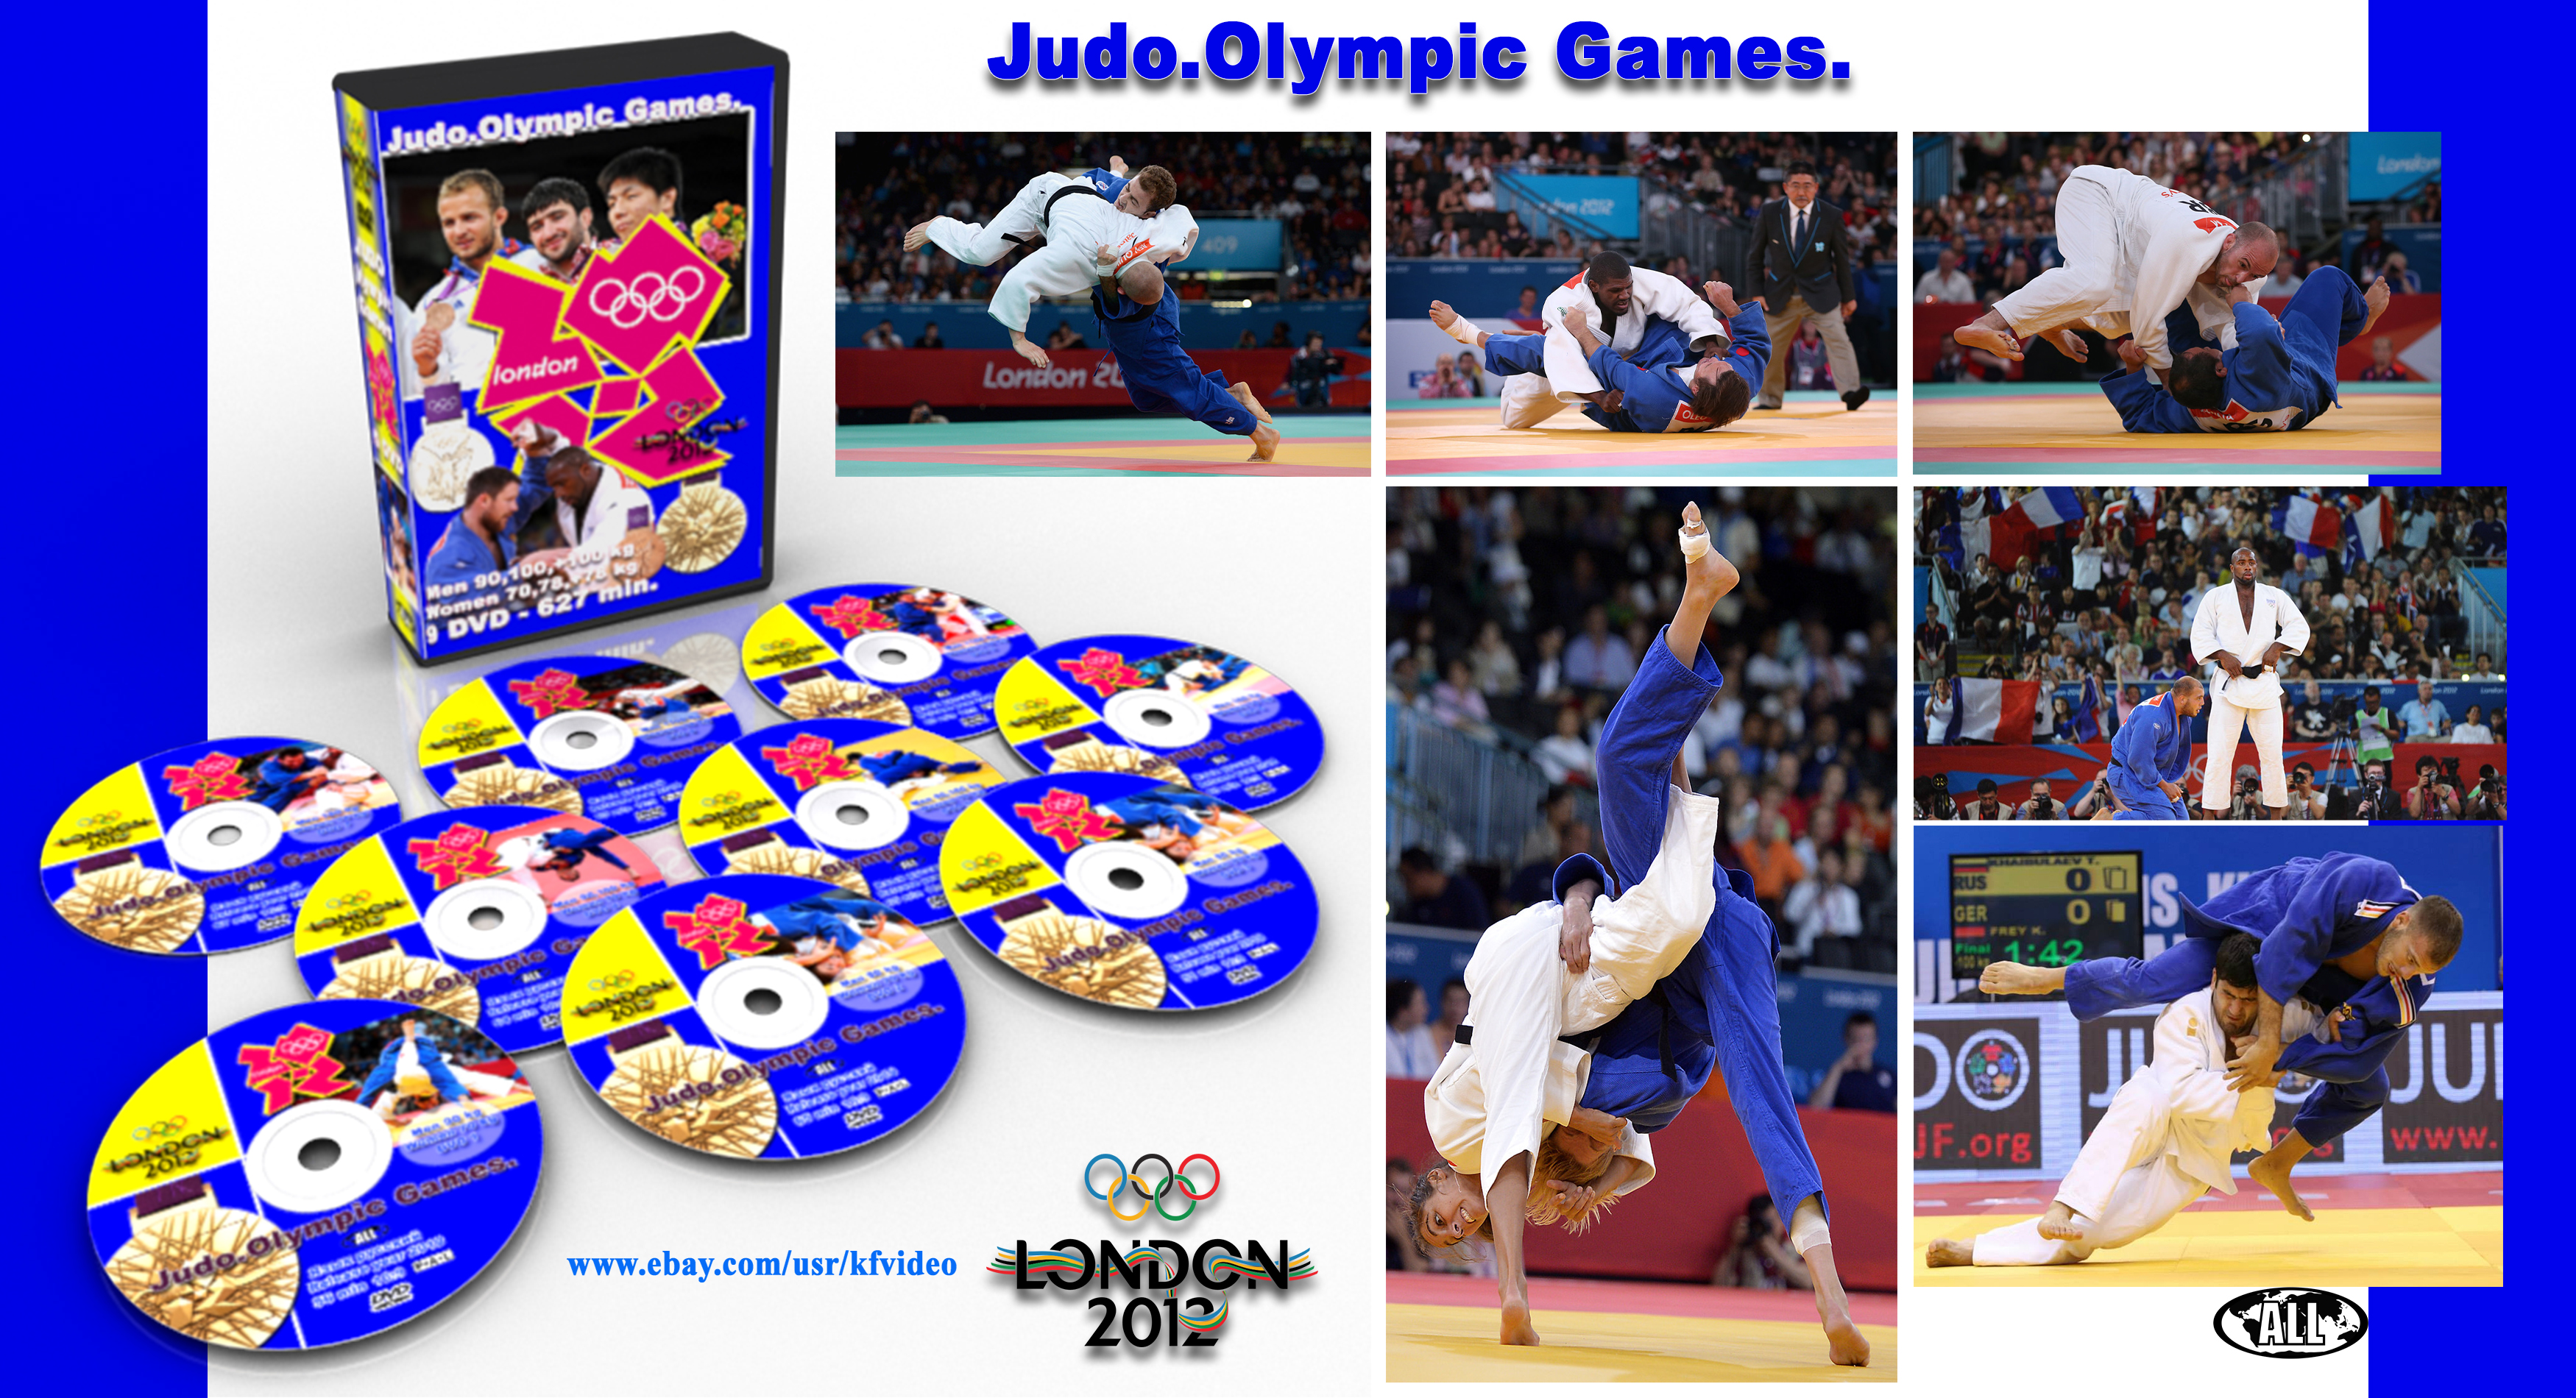 Дзюдо на олимпийских играх. Лондон 2012. Сборник 2. 9 DVD -627 минут. Мужчины 90,100,+100 кг. Женщины 70,78,+78 кг.